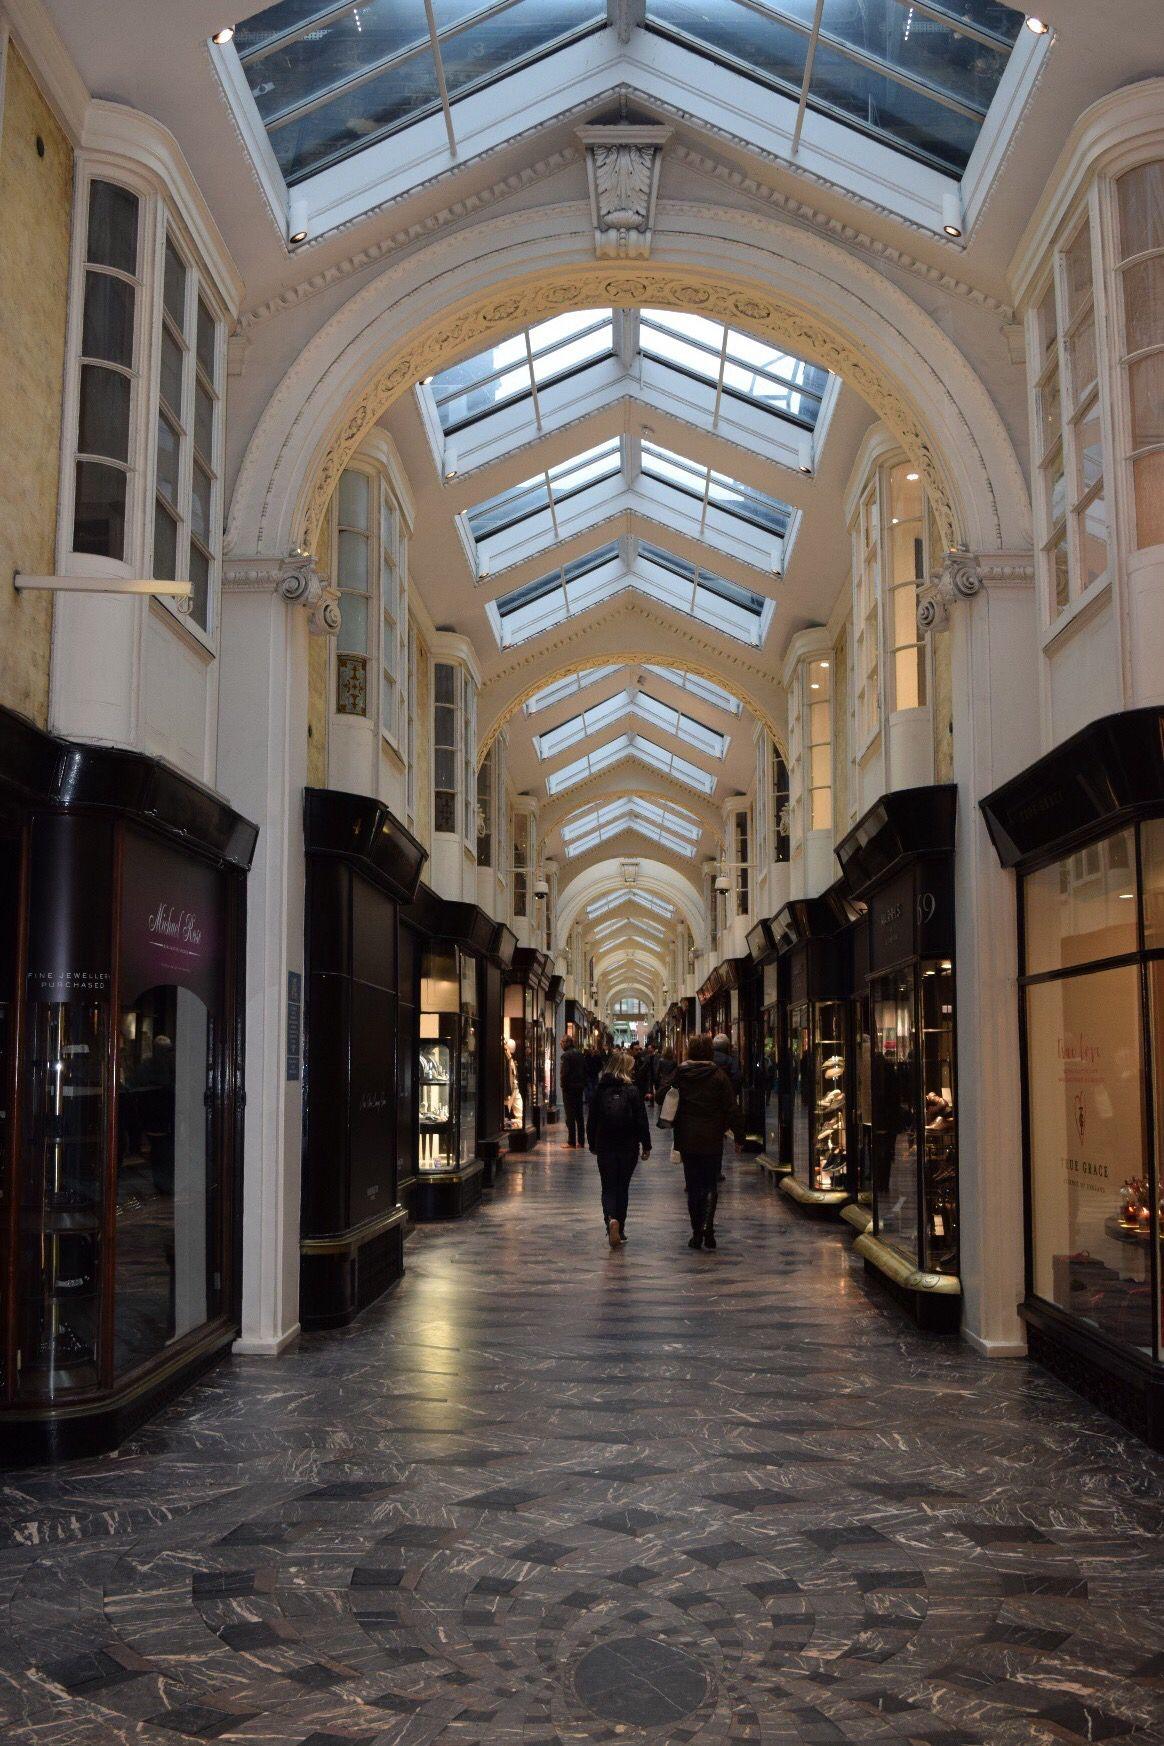 Burlington Arcade in London